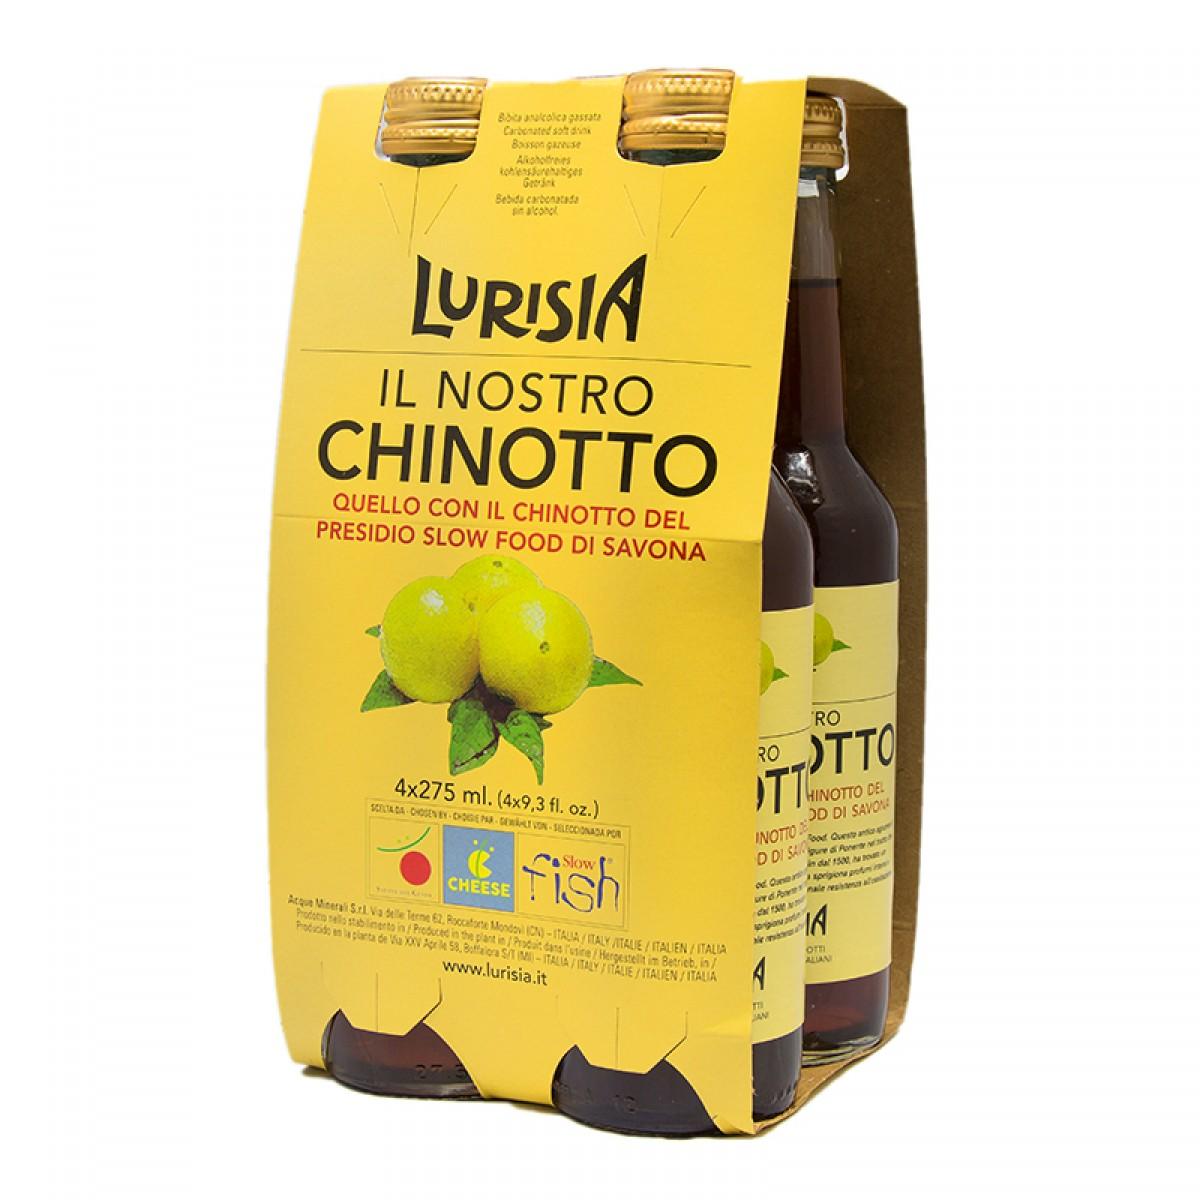 Lurisia Chinotto (case of 4)